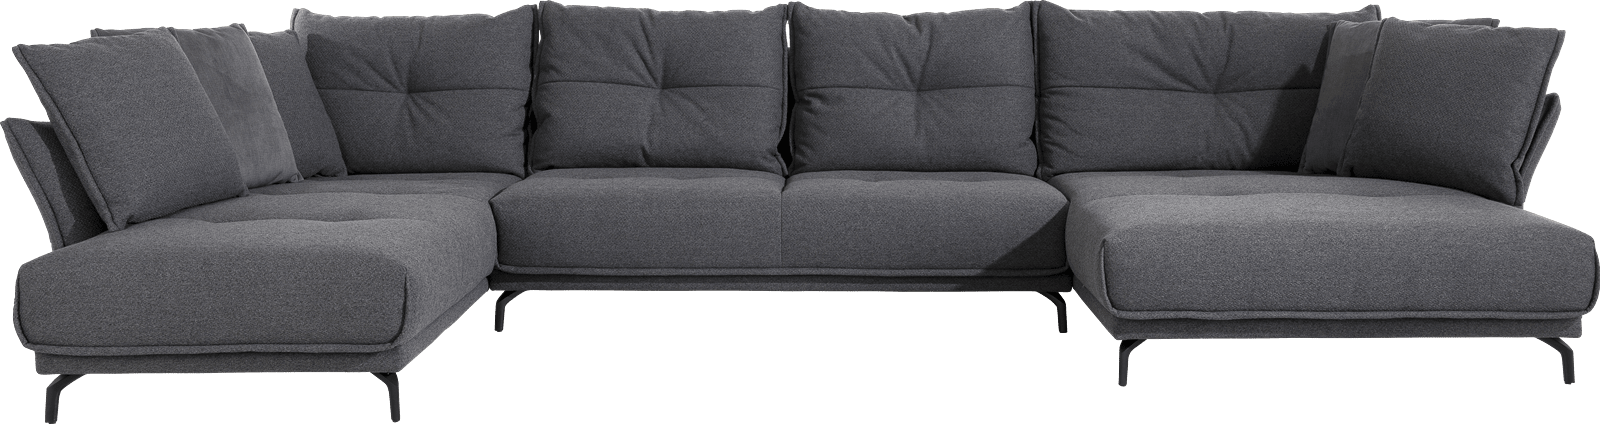 Henders & Hazel - Albi - Natuerlich - Sofas - 3-sitzer ohne armlehnen